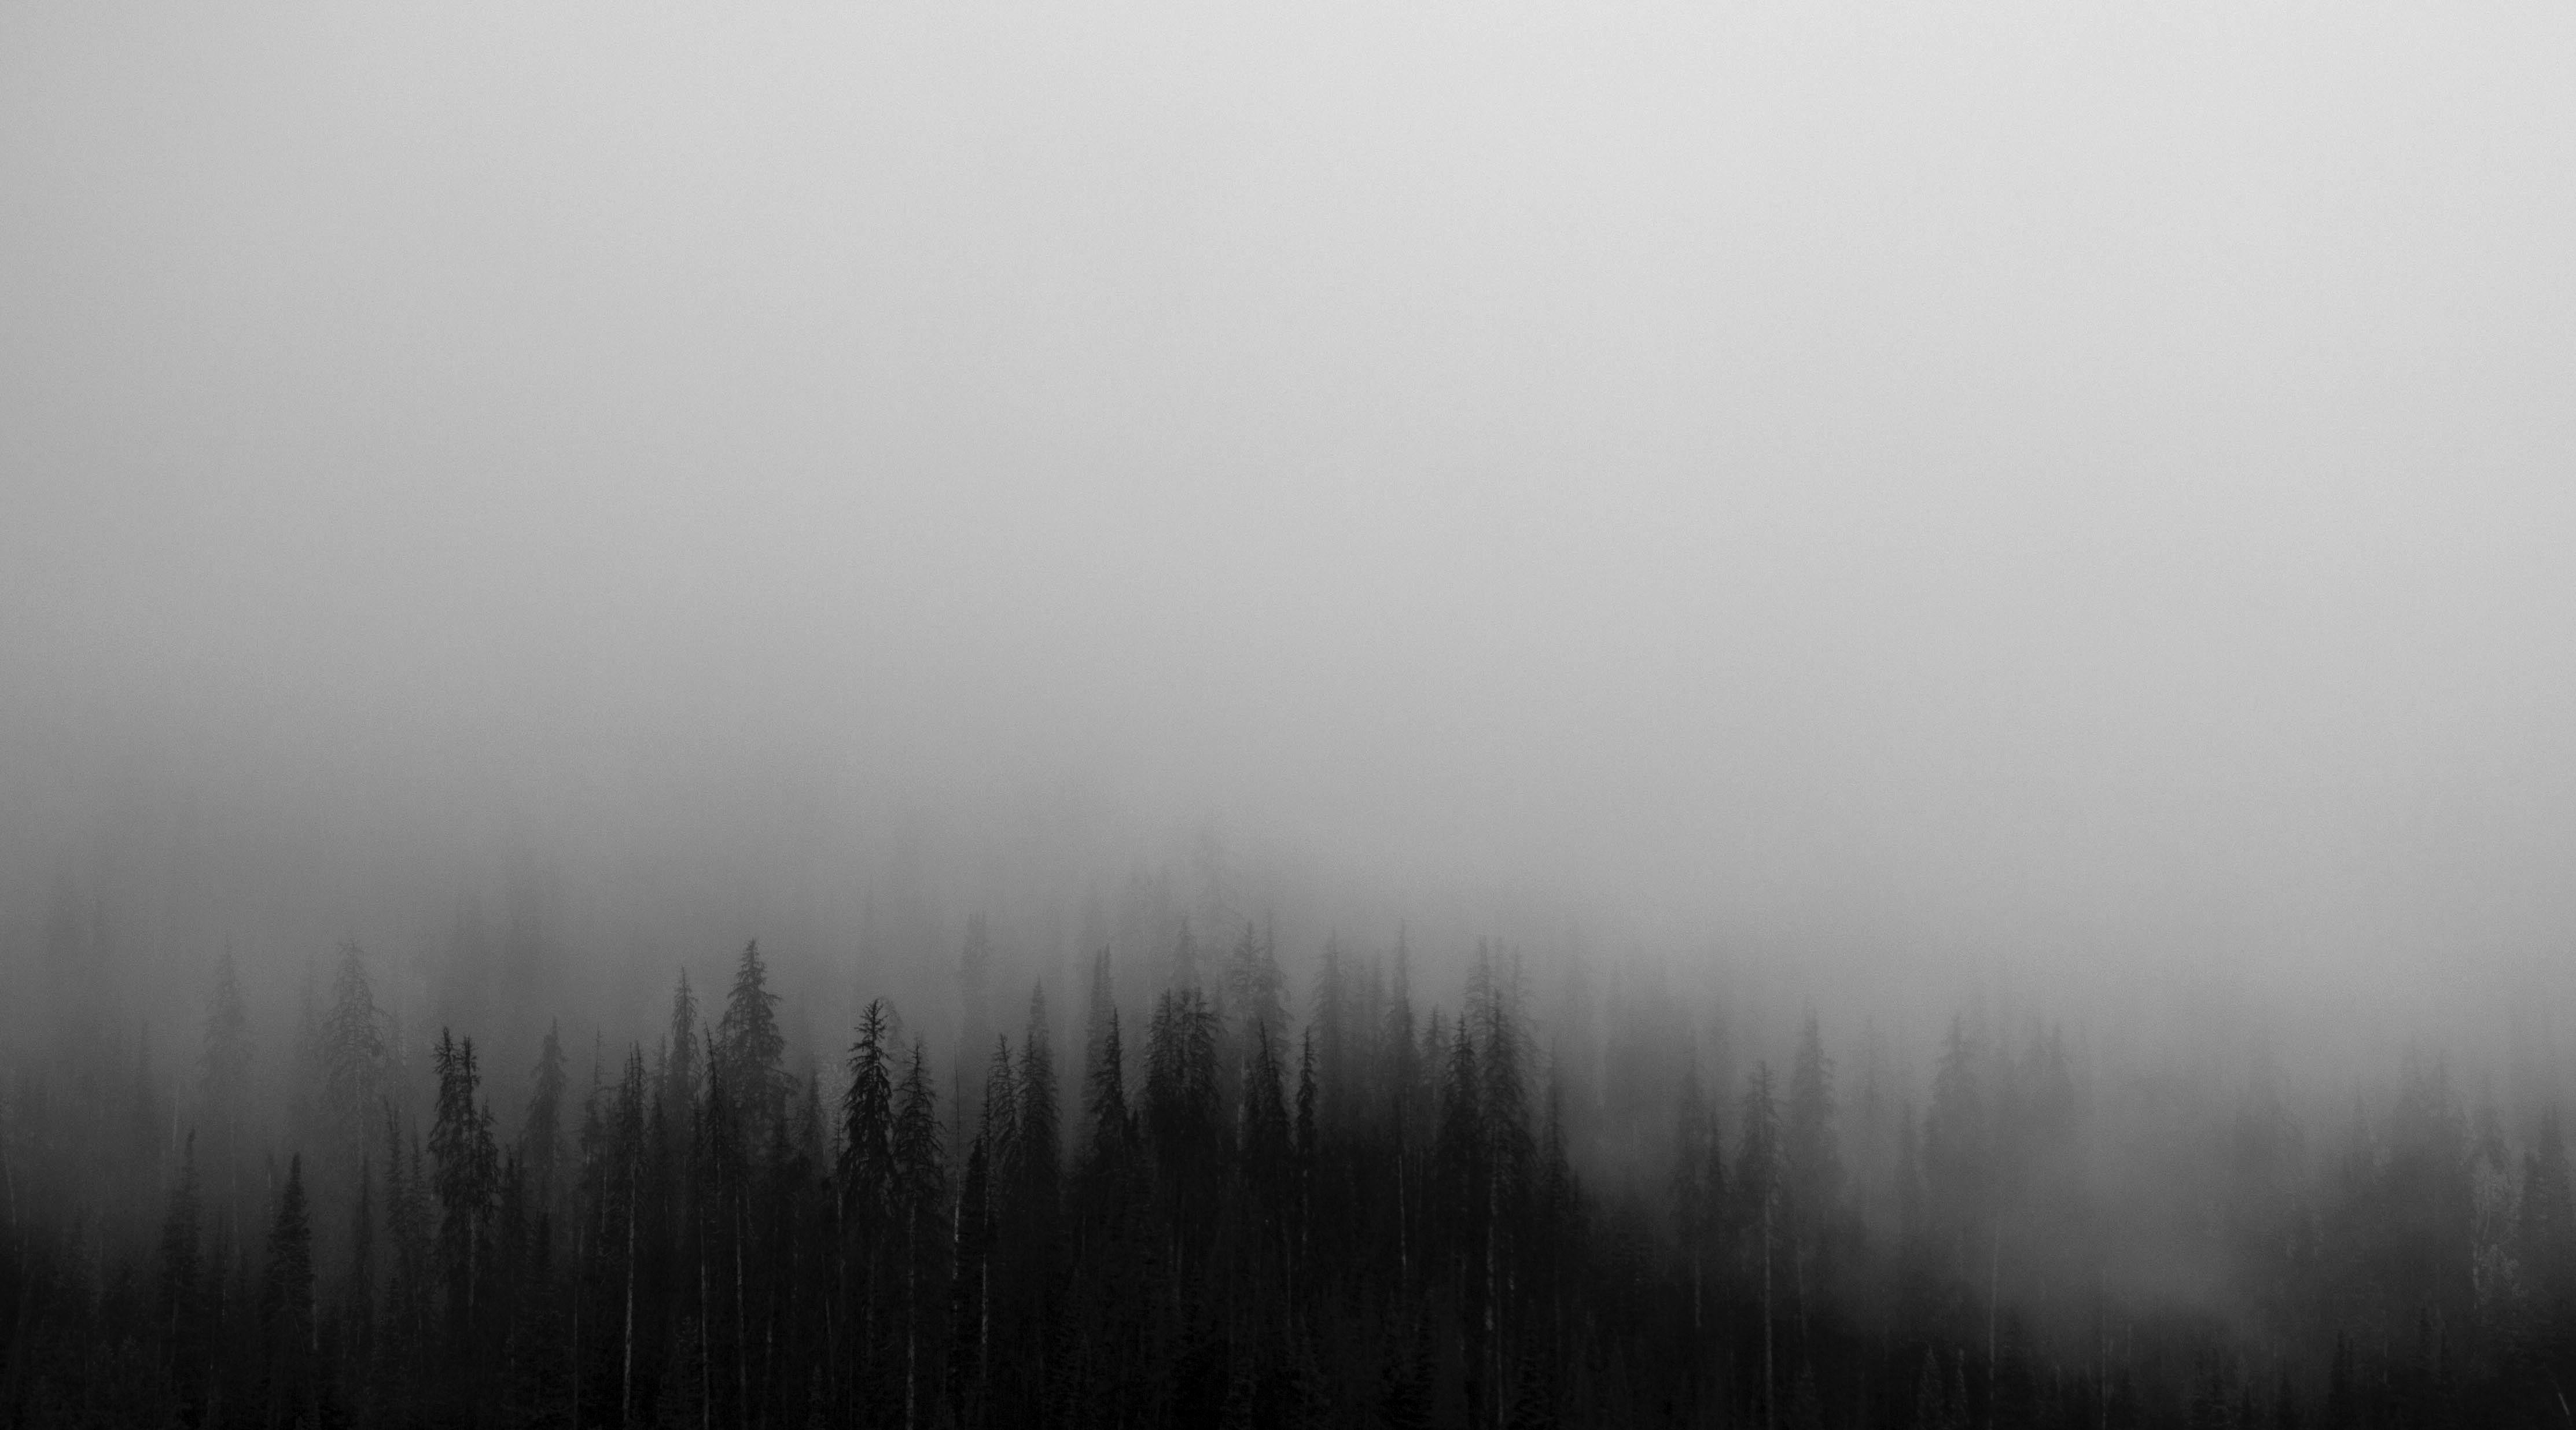 черный туман картинки тот момент, когда